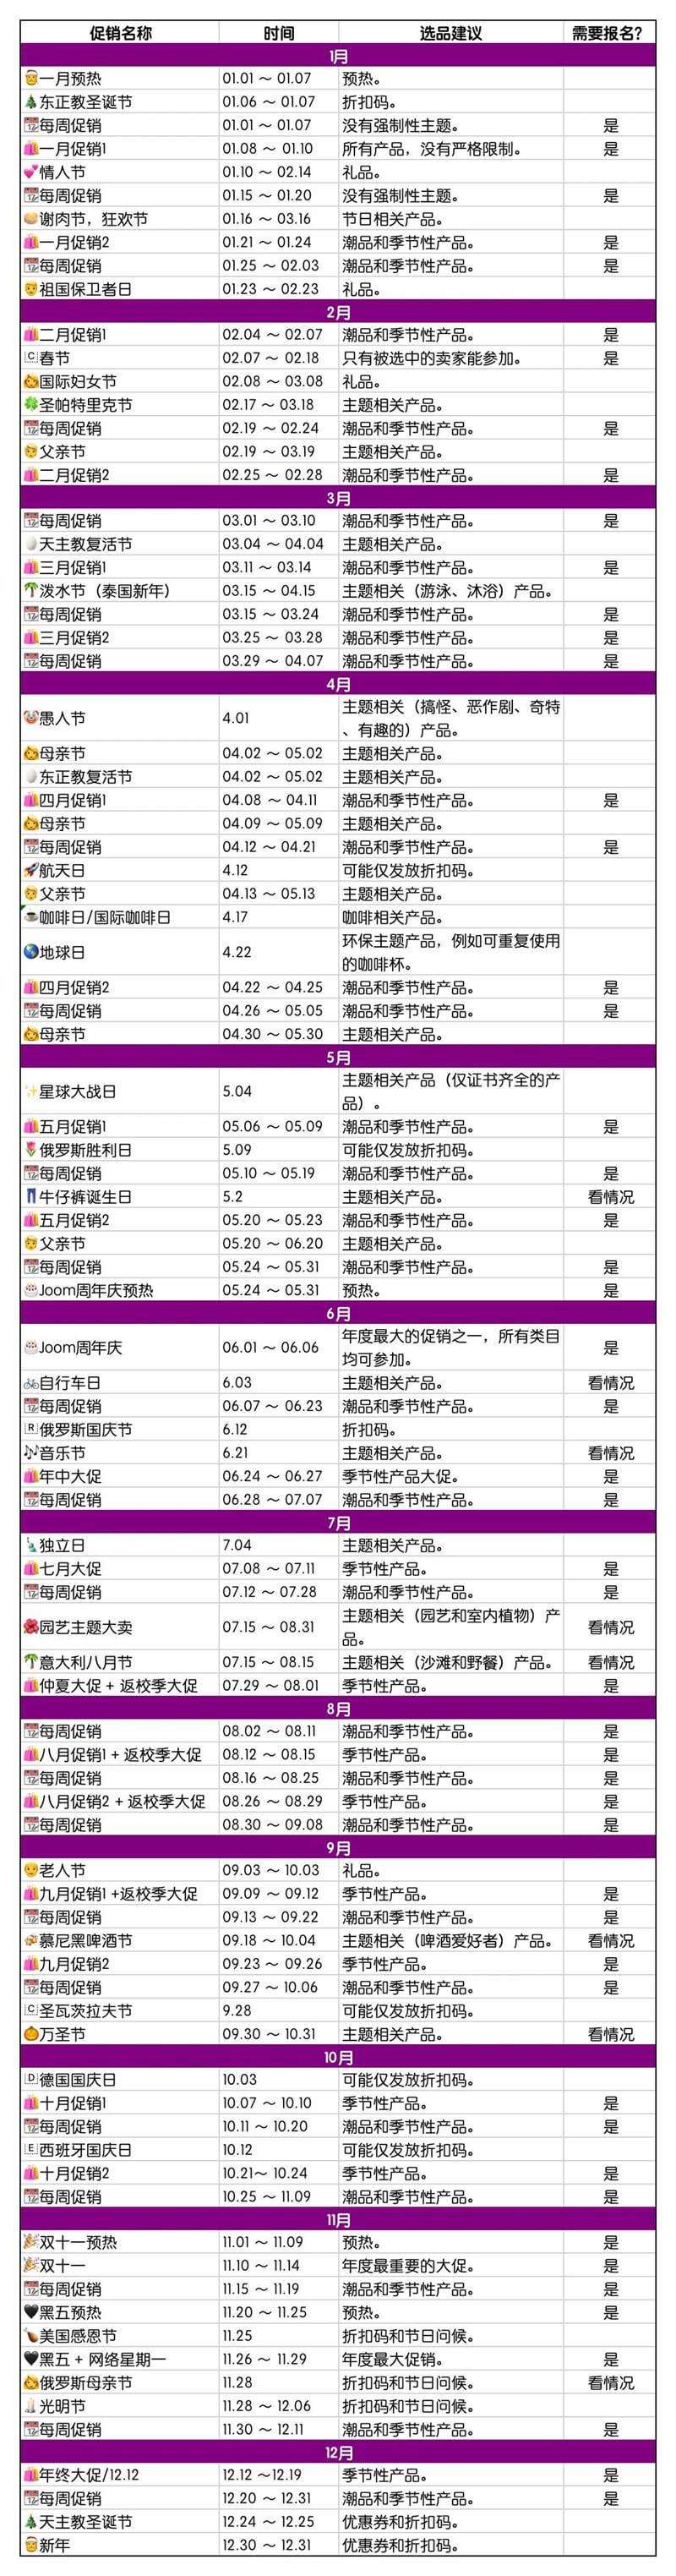 2021跨境电商亚马逊促销日历节日表